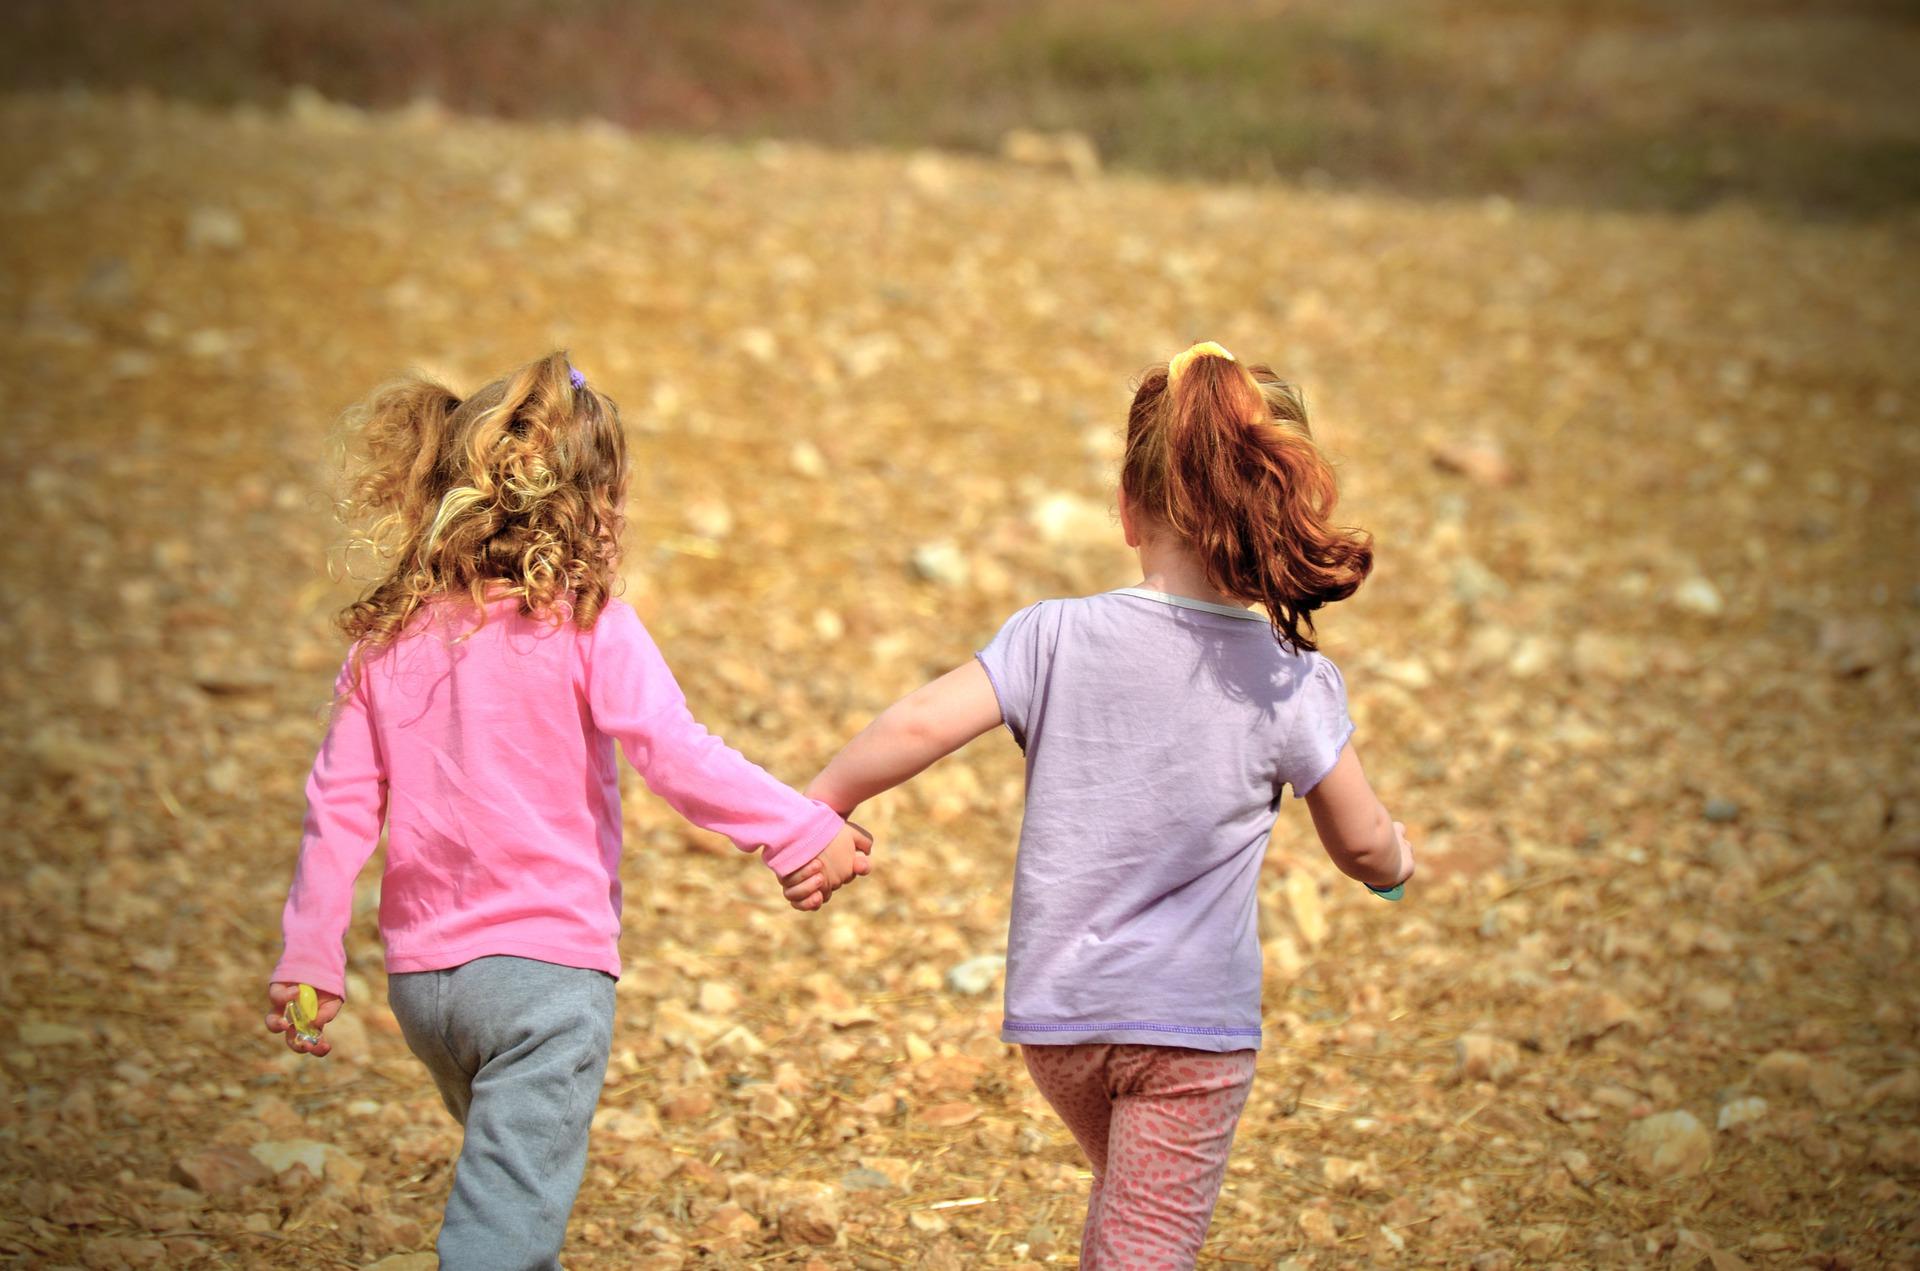 girls playing 2.jpg